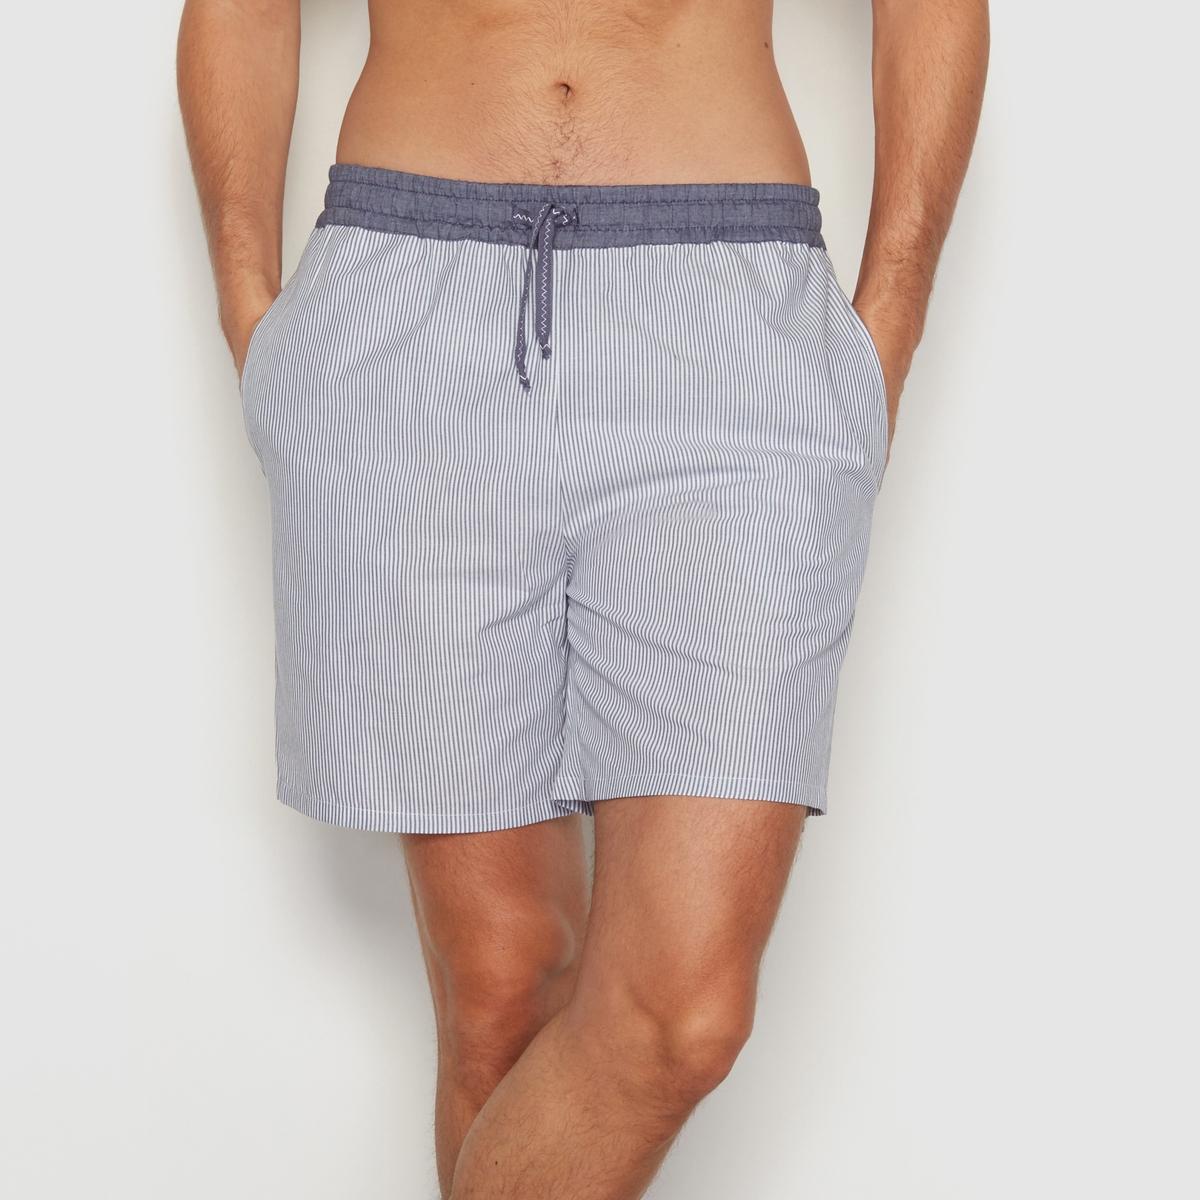 Шорты пижамные в полоску, 100% хлопкаШорты пижамные с эластичным поясом и завязками . Контрастный пояс. Тонкие полоски.Состав и описание:- Материал: 100% хлопка.- Марка: R essentiel.<br><br>Цвет: синий/ в полоску<br>Размер: 36/38